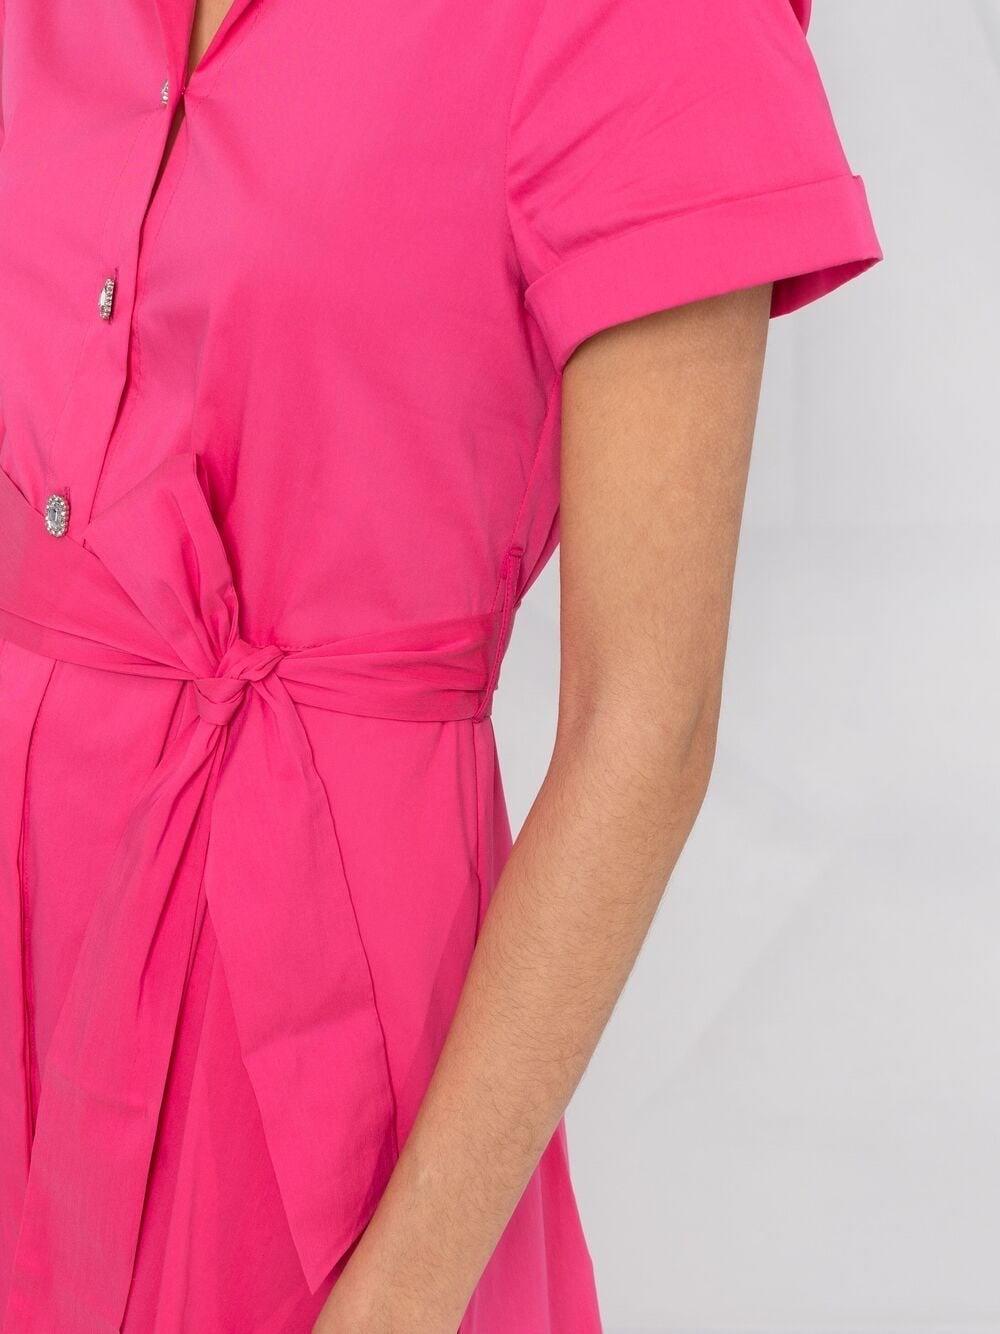 LIU JO   Dresses   CA1064T2392X0339